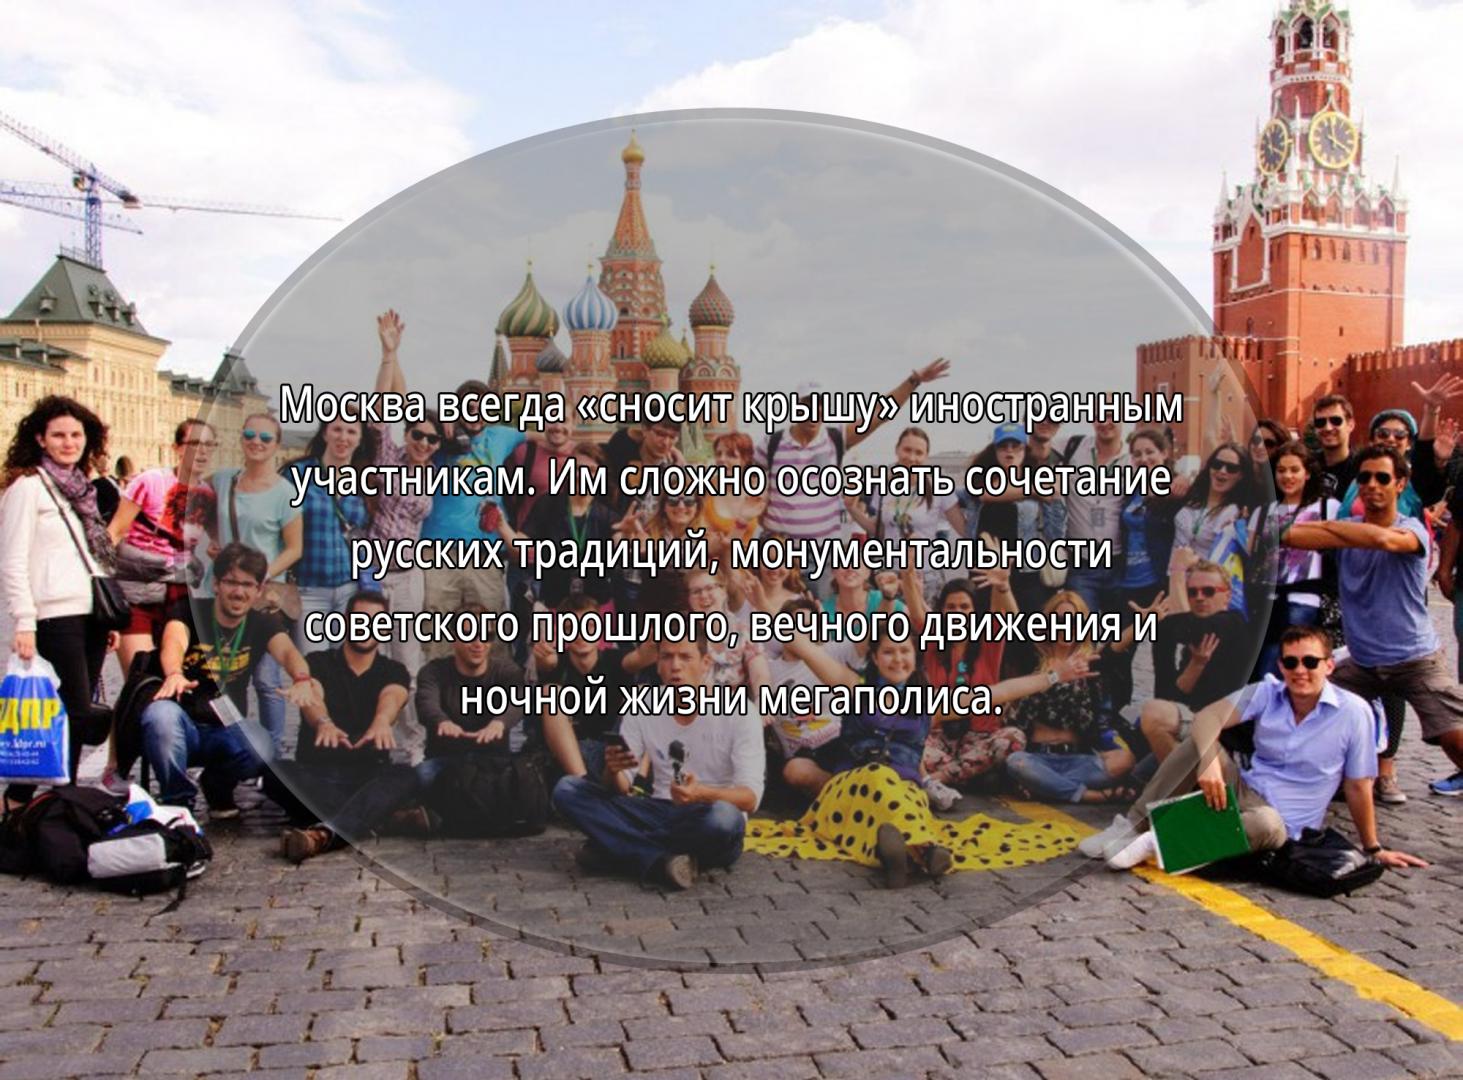 02_-_Москва